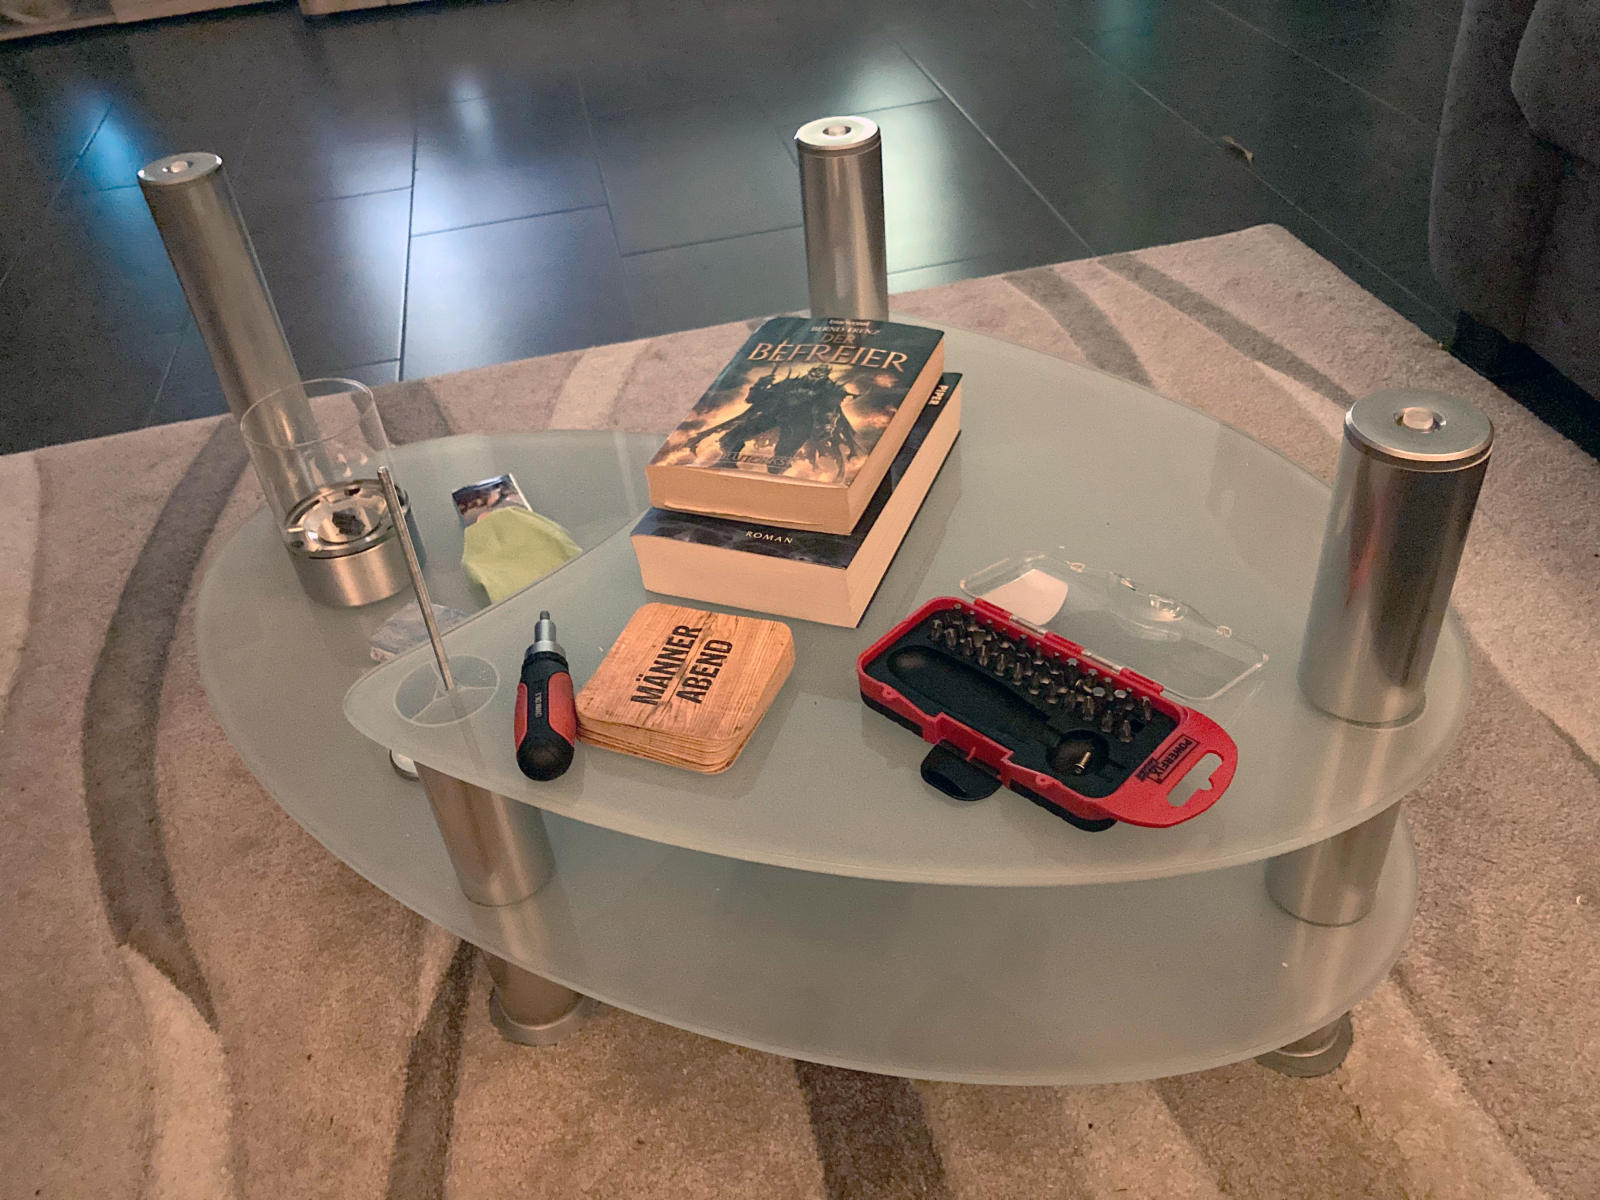 Der Tisch vorher